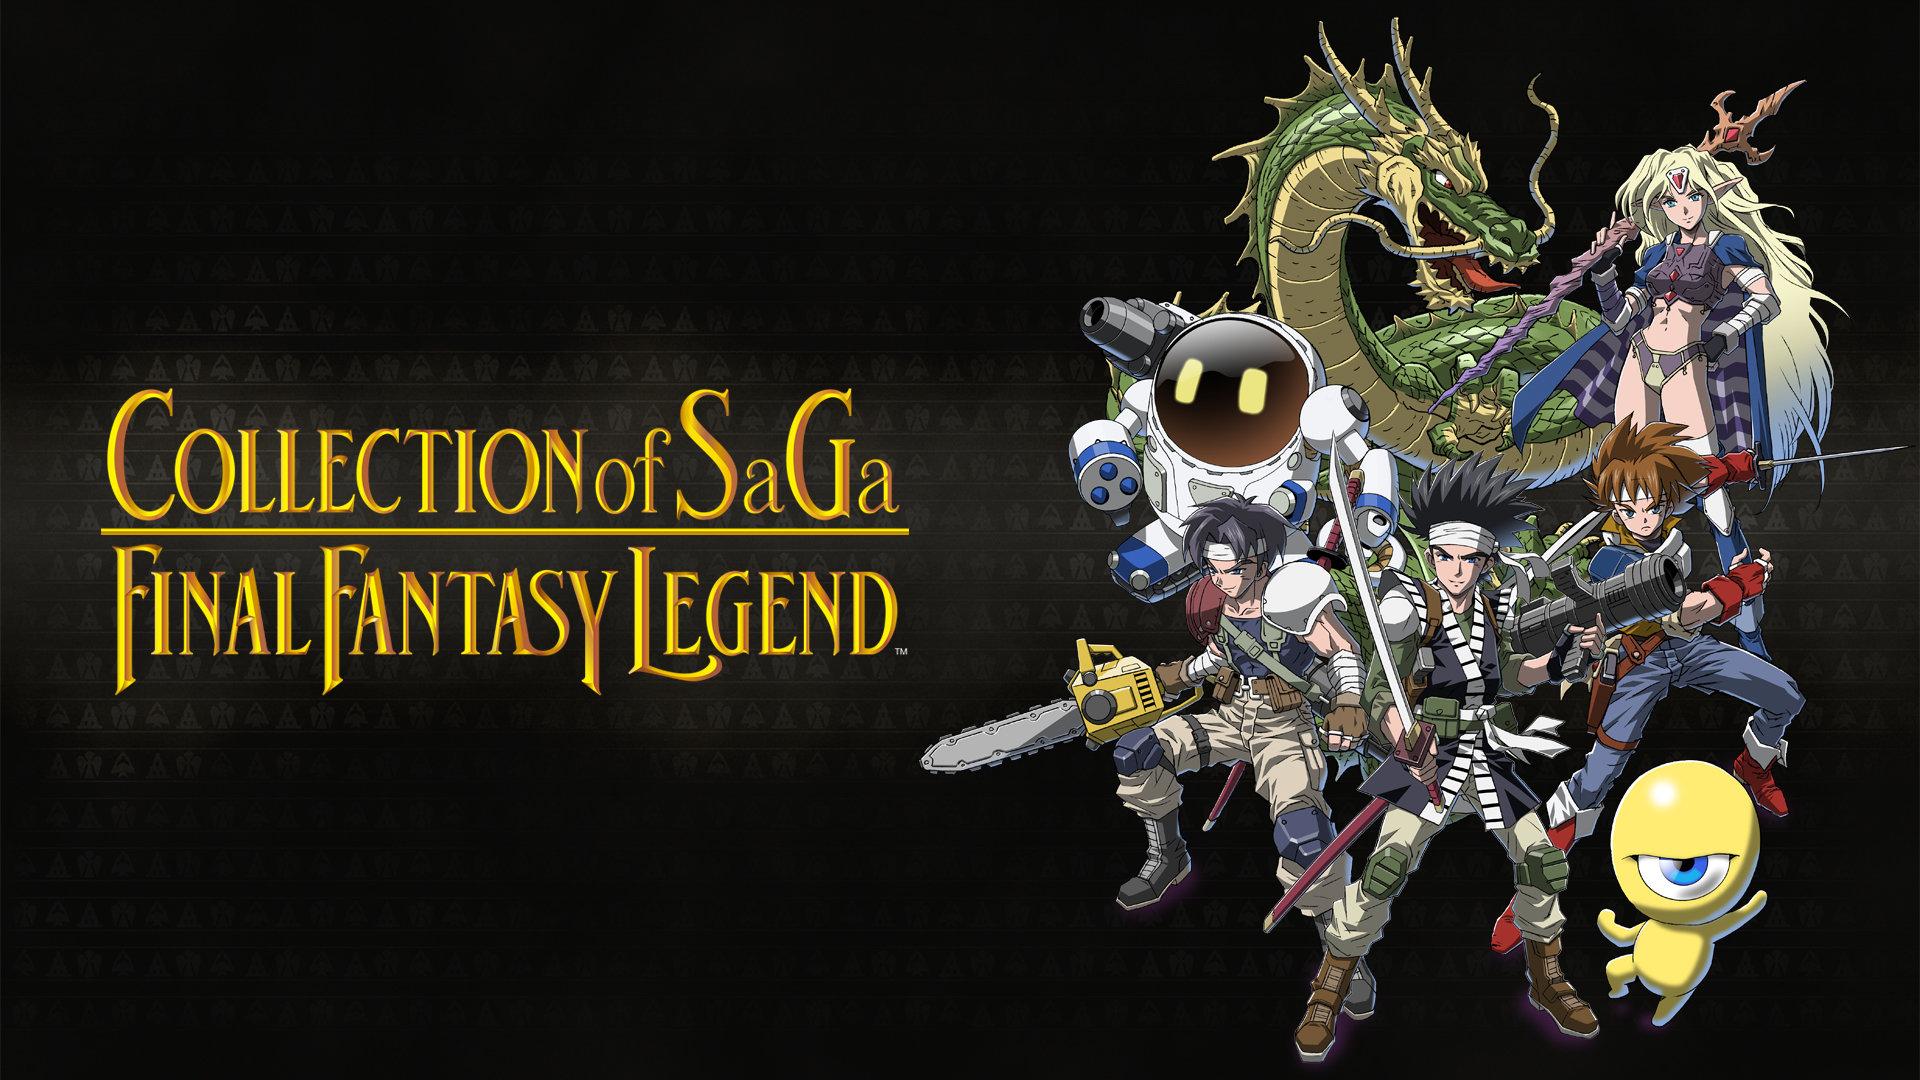 Review: collection of saga final fantasy legend traz de volta uma grande aventura. Collection of saga final fantasy legend traz os três primeiros jogos da franquia saga compilados no mesmo pacote